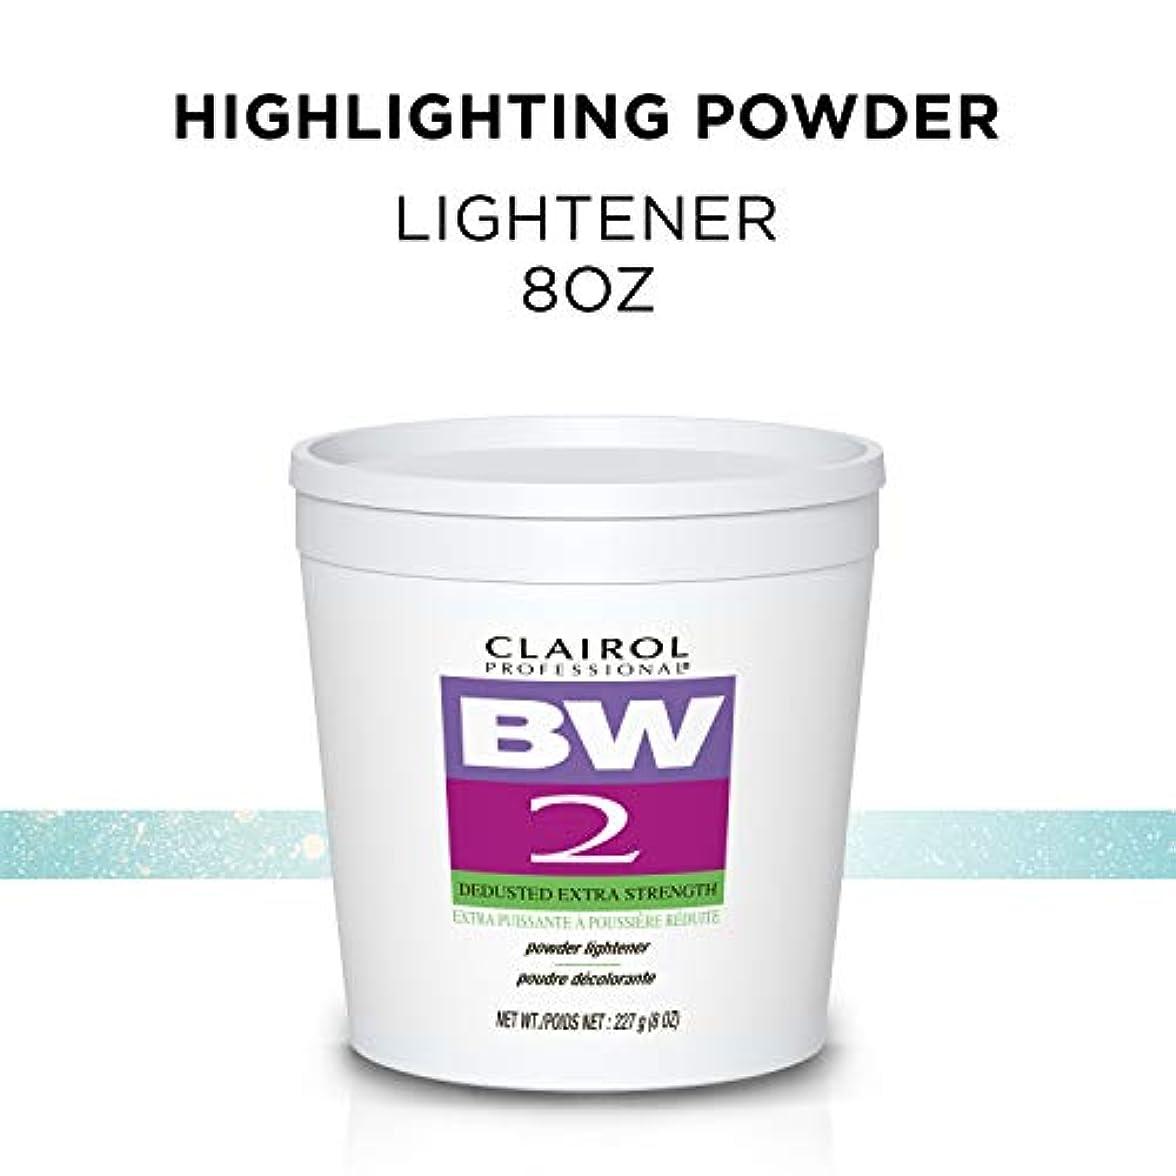 アクティビティ符号球体Clairol BW2パウダーライトナー、8オンス